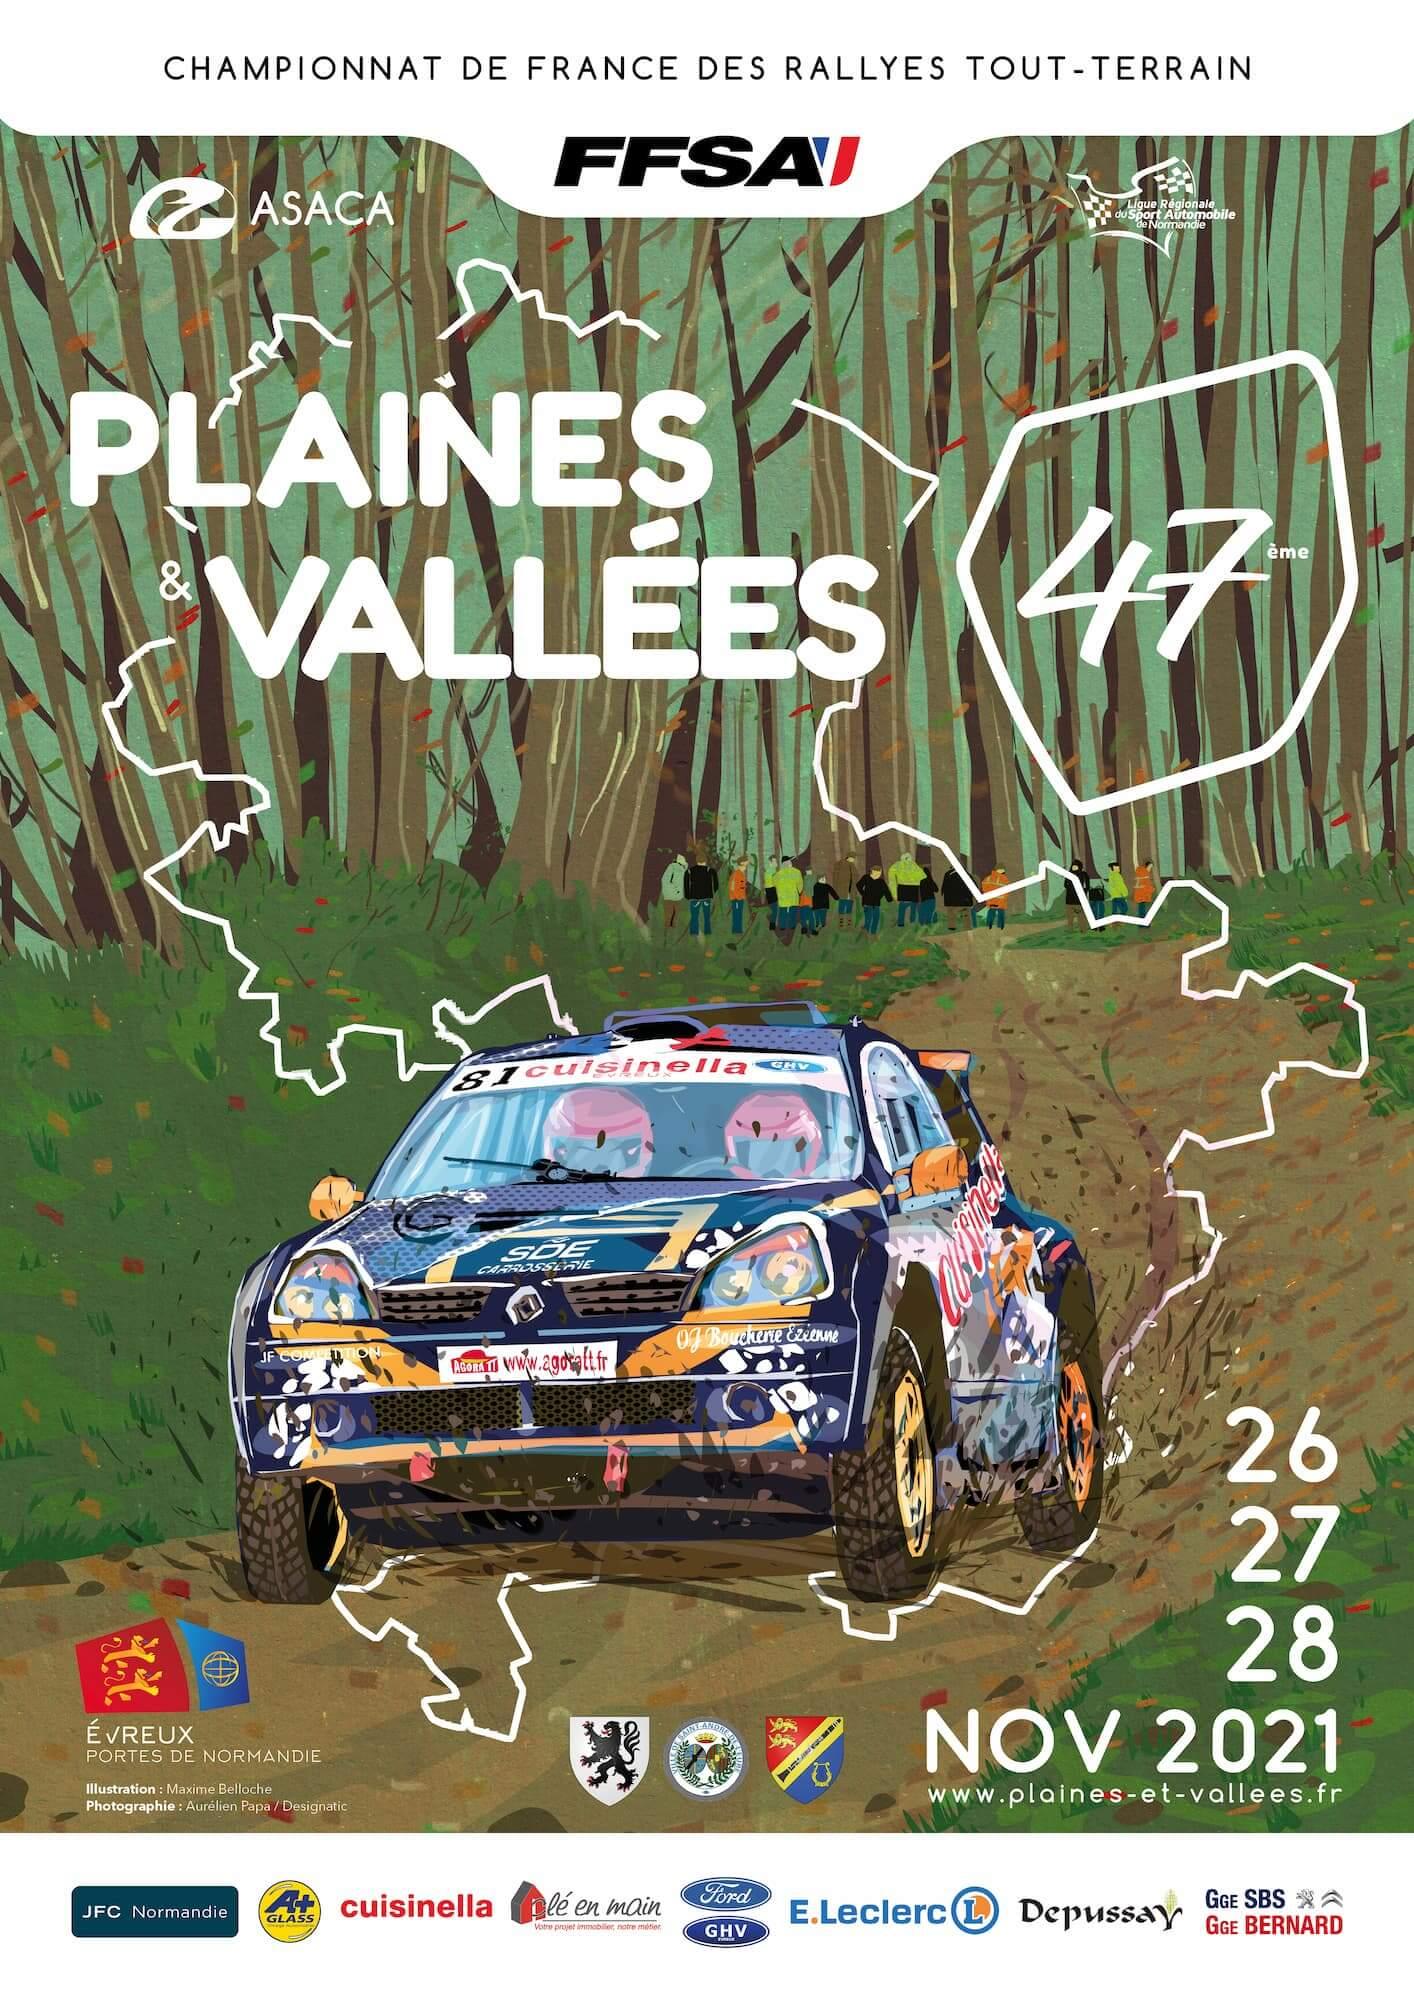 affiche rallye tout-terrain tt plaines et vallées 2021 47e Evreux Saint-André de l'Eure Normandie FFSA ASACA photo